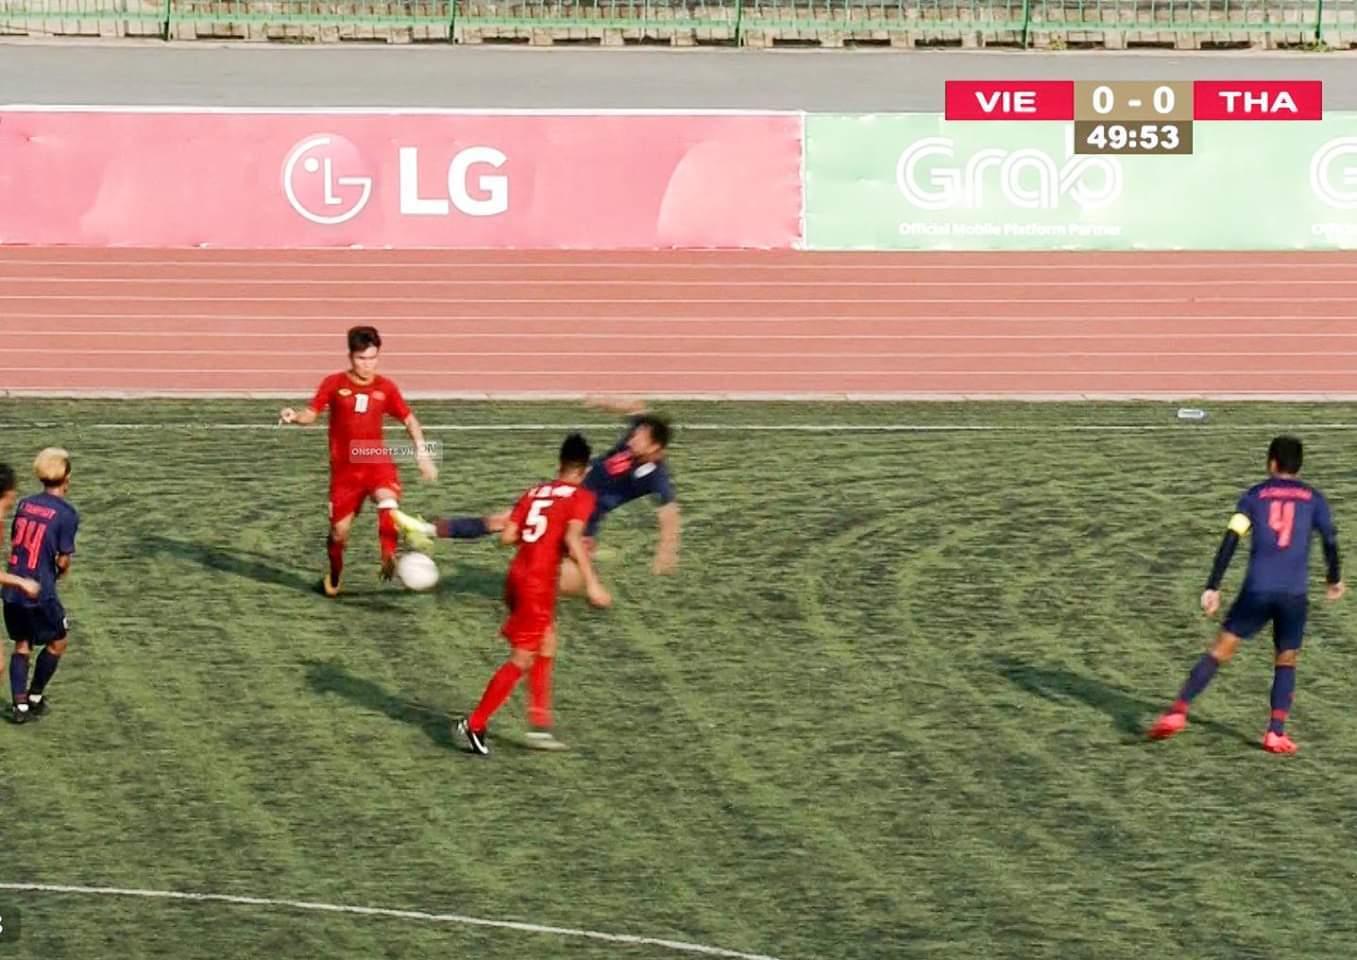 Cầu thủ U22 Thái Lan chơi xấu, đạp thẳng vào mặt Hữu Thắng